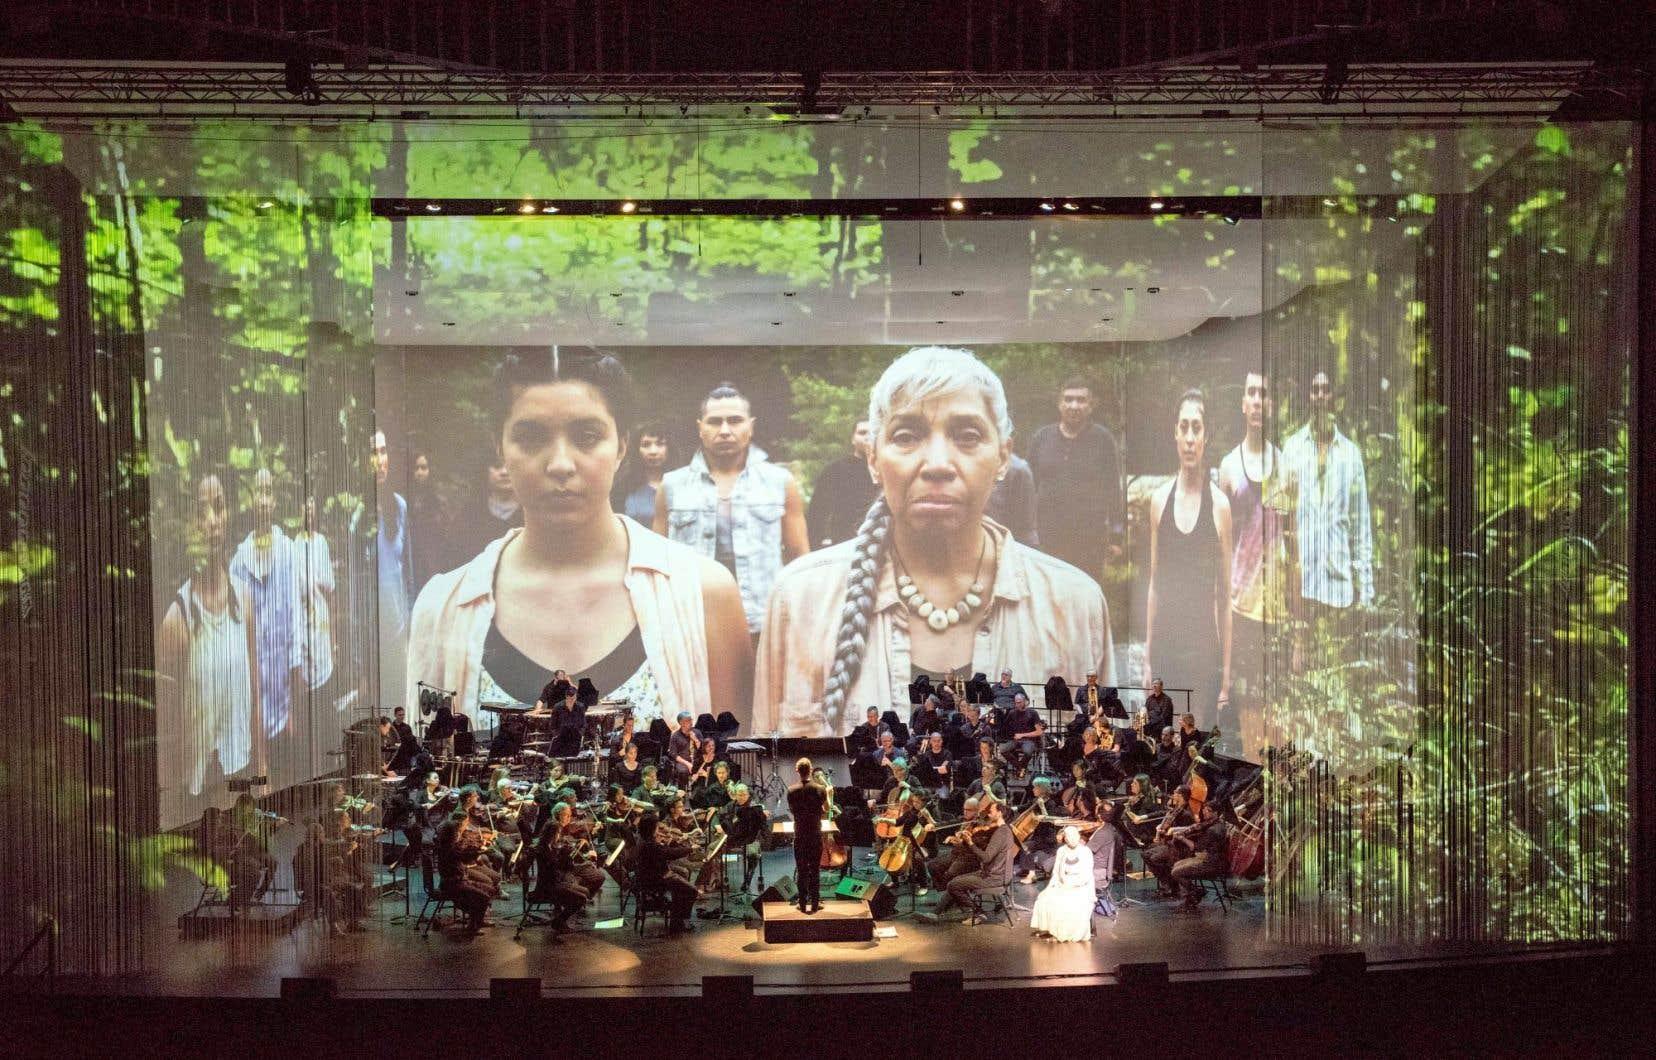 Les projections constituent l'intégralité du cadre de «My Name is Amanda Todd» de Jocelyn Morlock et sont enrichies par des photos dans «Dear Life» de Zosha di Castri, des extraits d'actualités dans «Bondarsphere» de Nicole Lizée et par un film dans «I Lost my Talk».